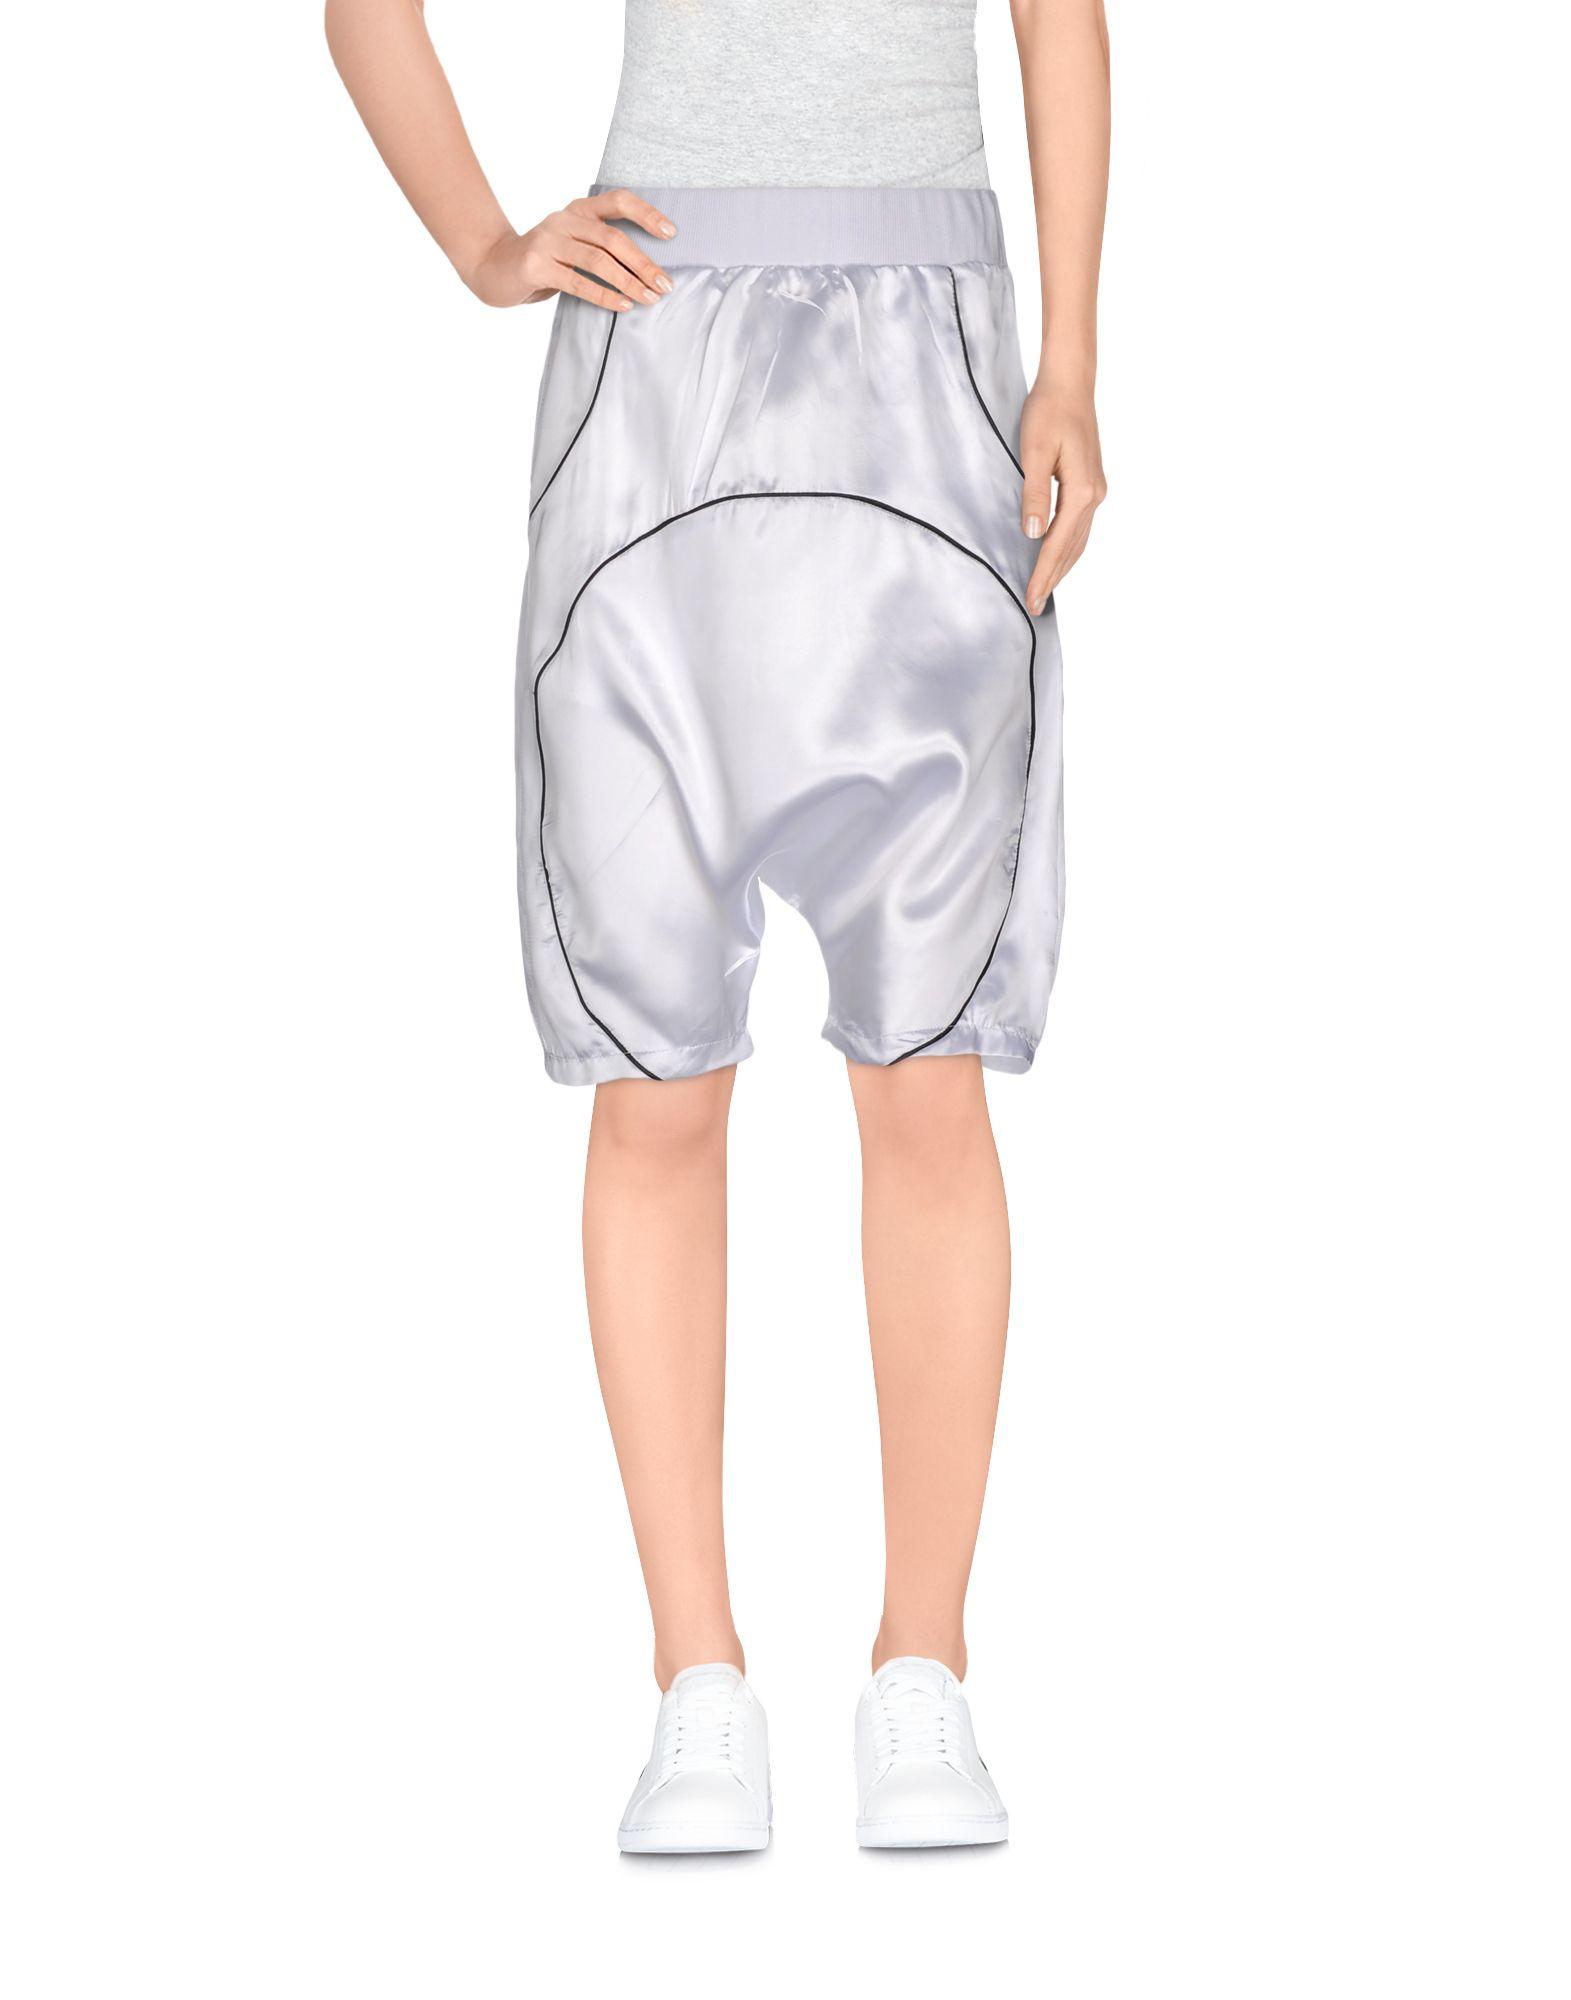 TZUJI Damen Bermudashorts Farbe Weiß Größe 4